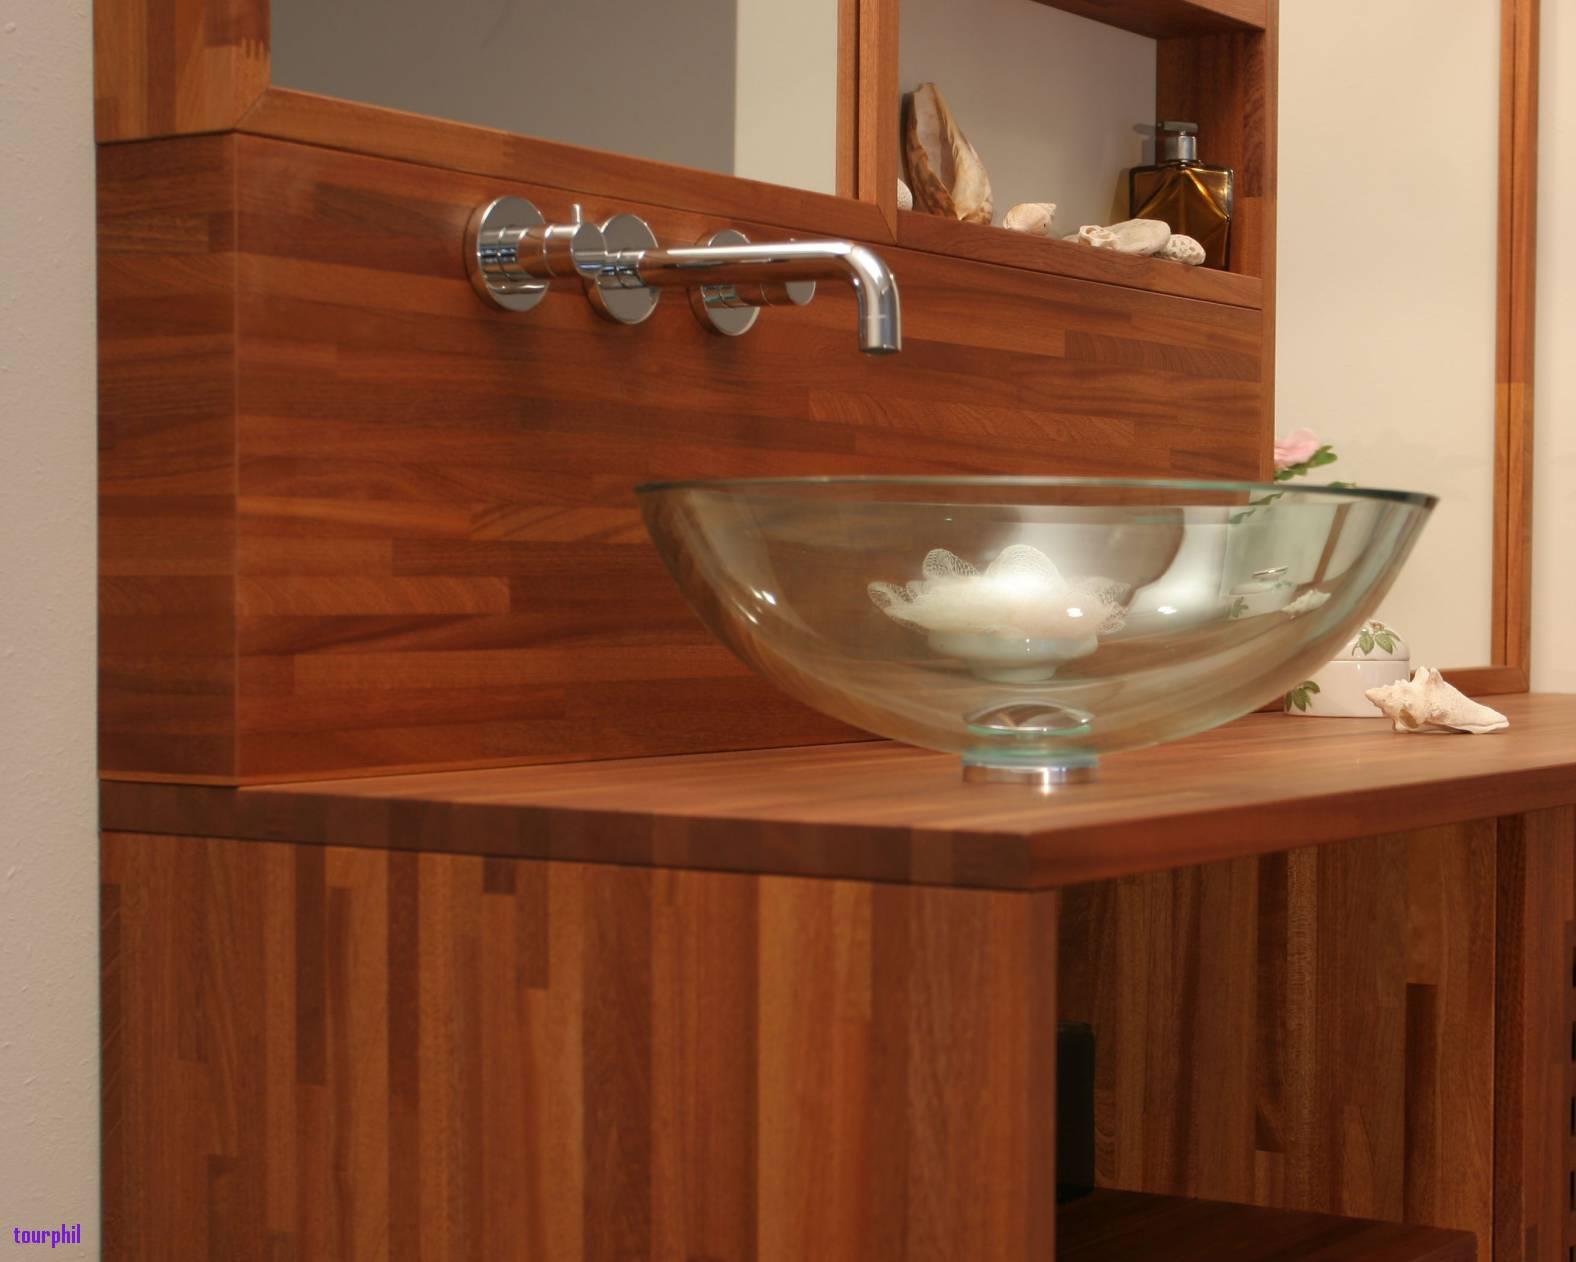 credence bois salle de bain id e pour cuisine. Black Bedroom Furniture Sets. Home Design Ideas